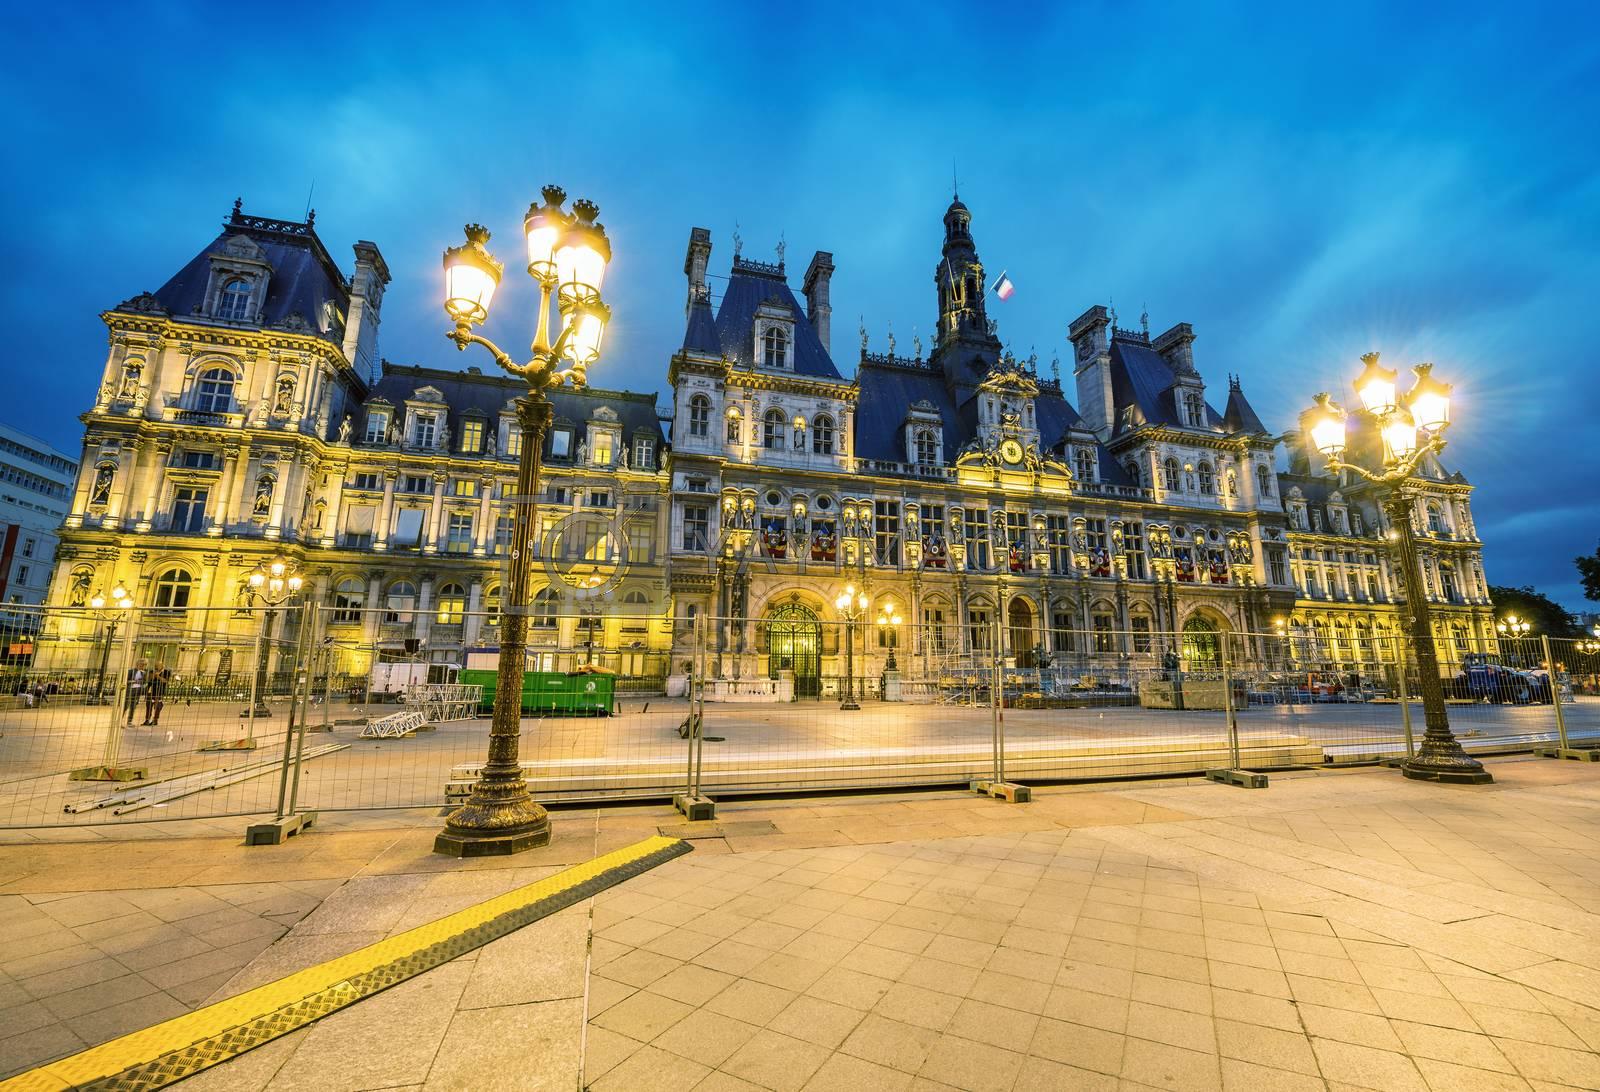 Amazing view of Hotel de Ville after sunset - Paris.